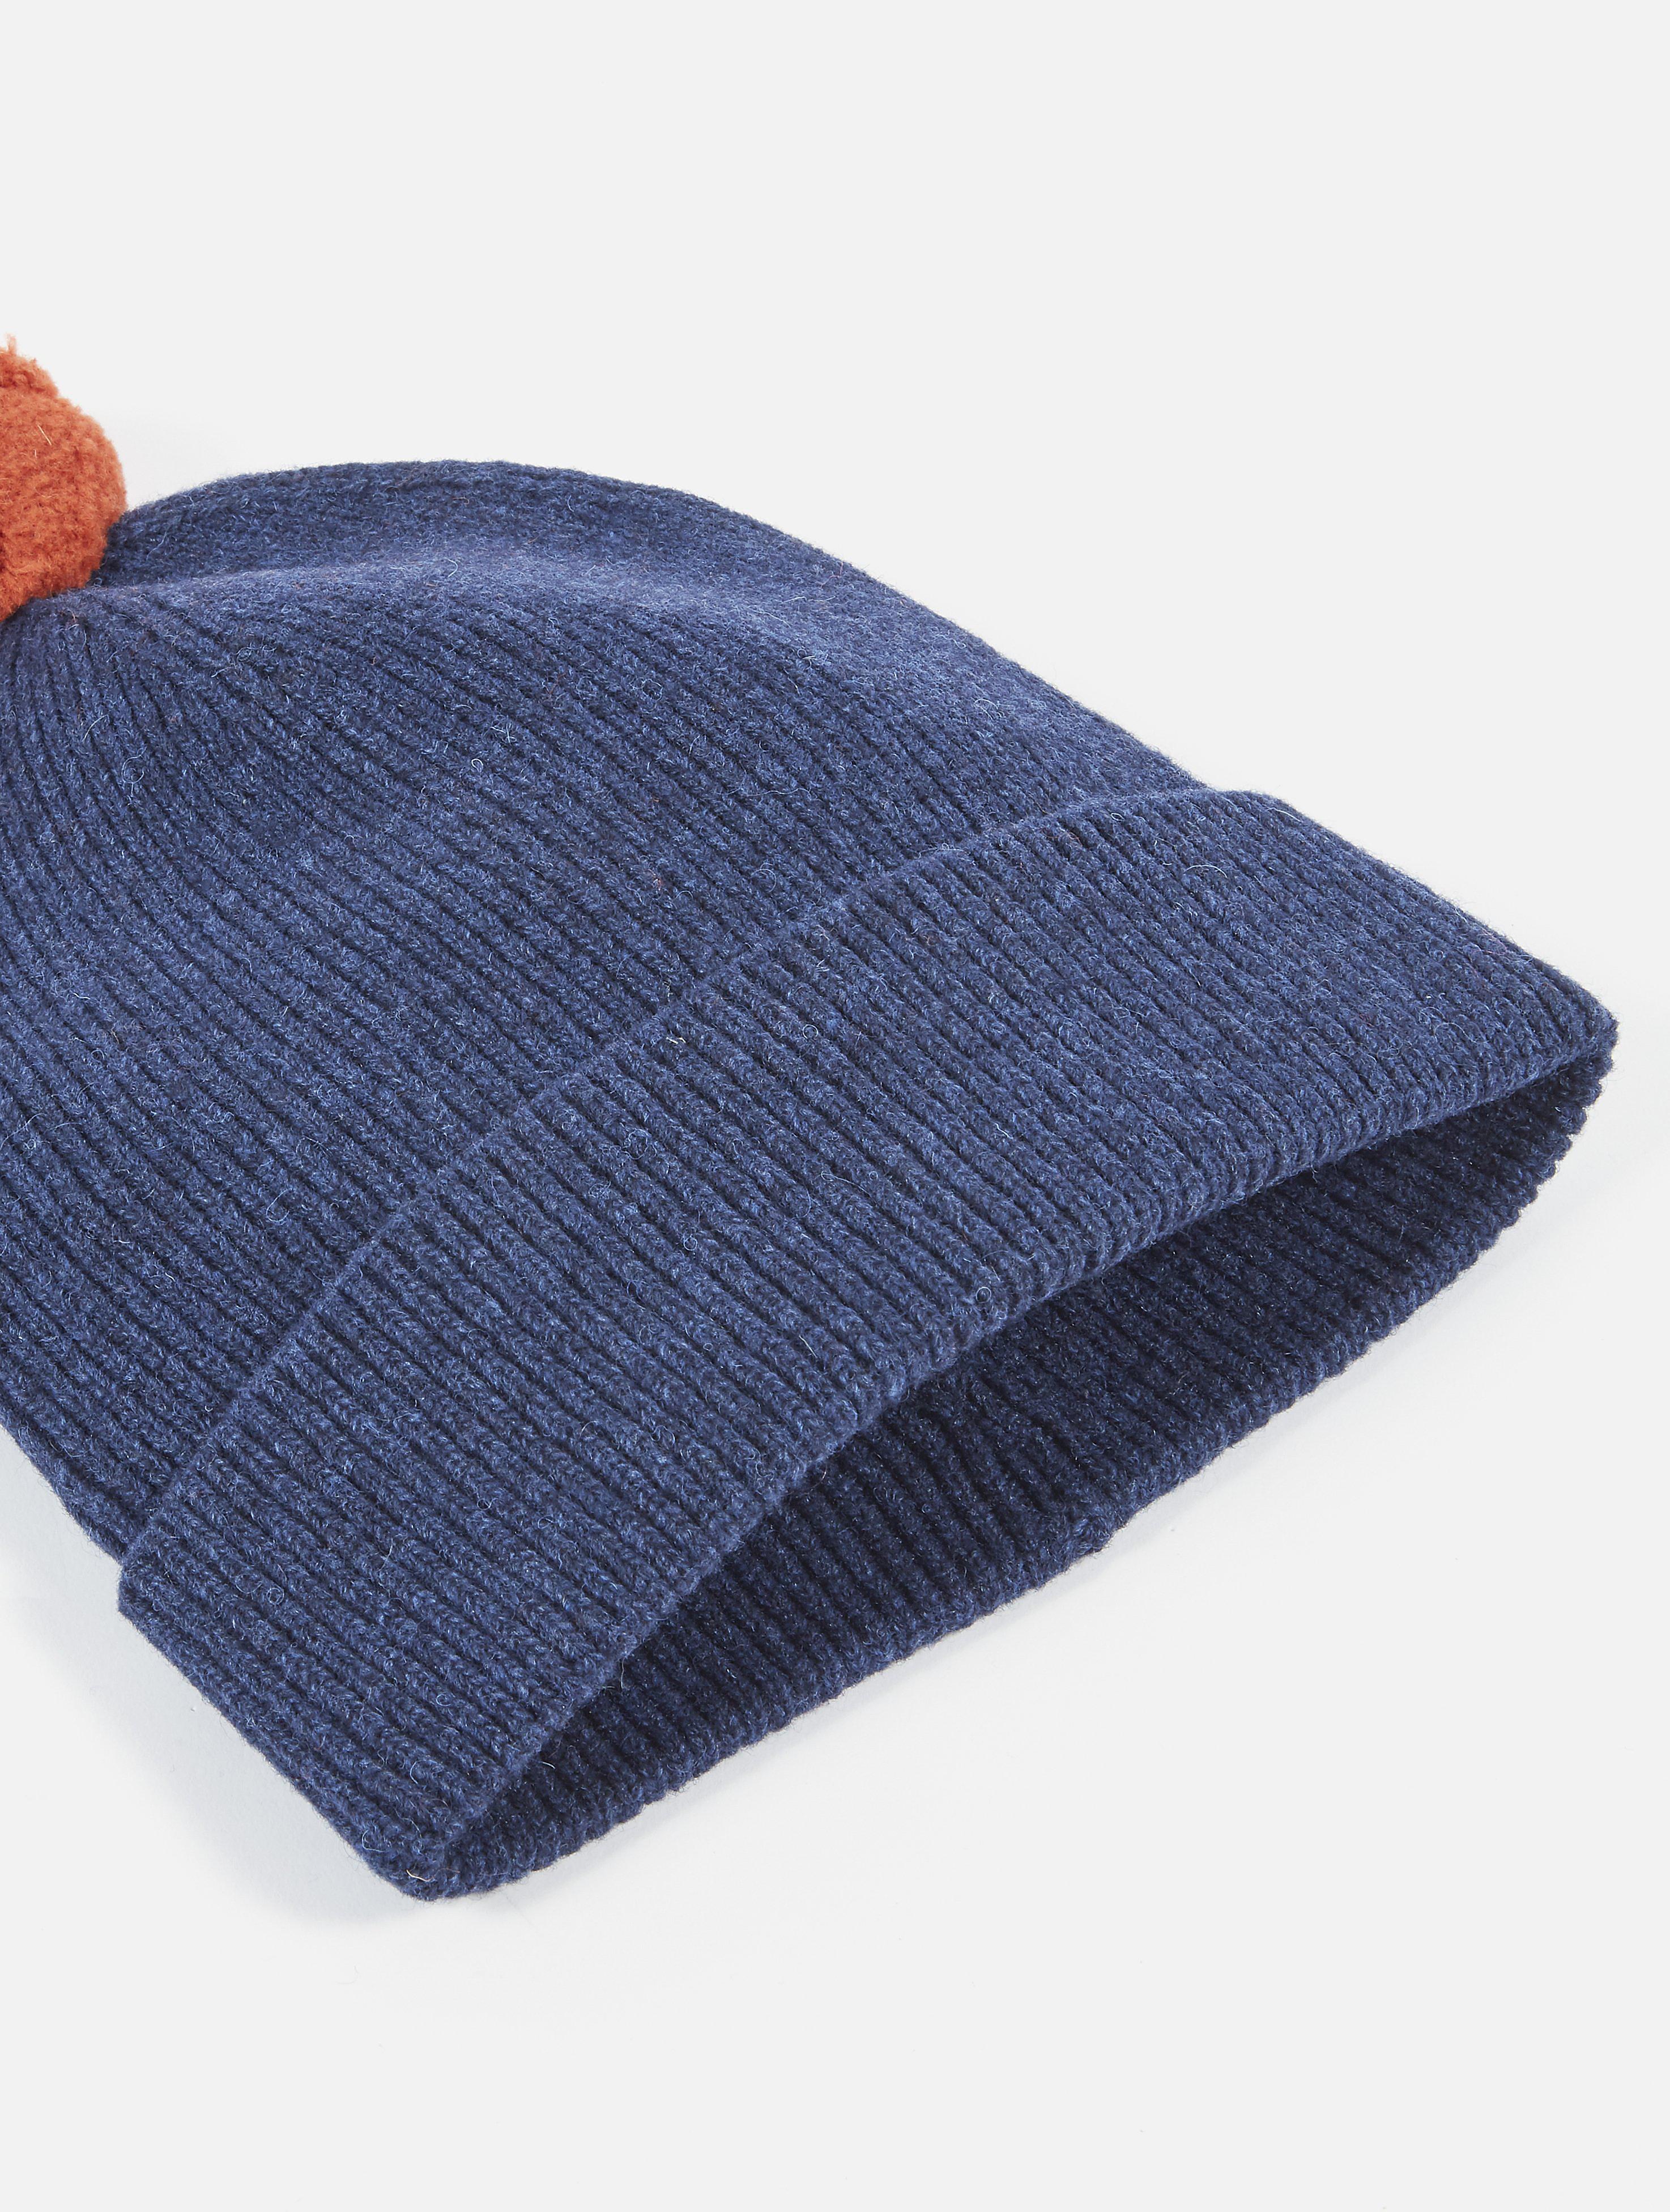 Universal Works Bobble Hat Rib Knit Navy dettaglio